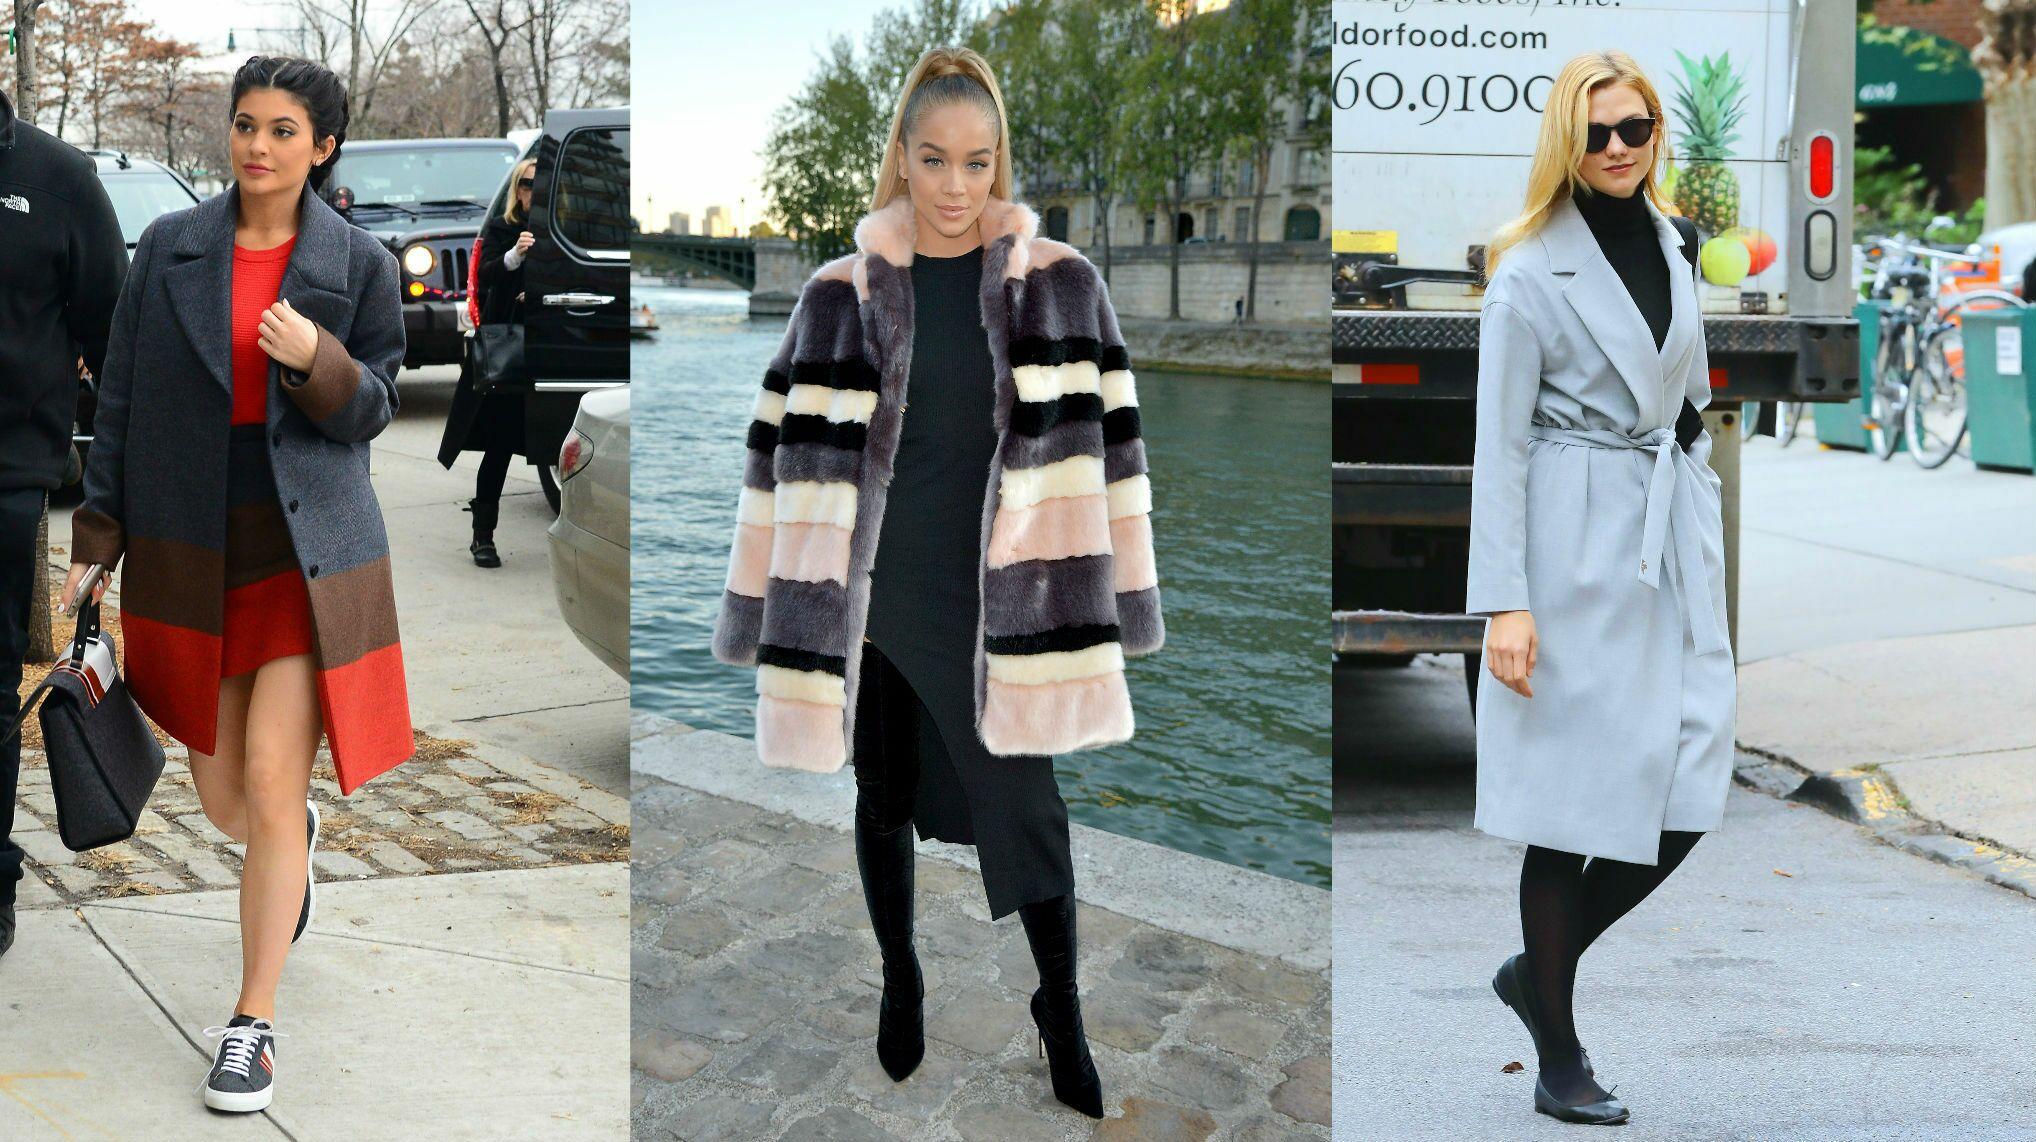 cfde64e8d15 Mode   notre sélection de 20 manteaux tendance pour l automne-hiver 2016 -  Voici